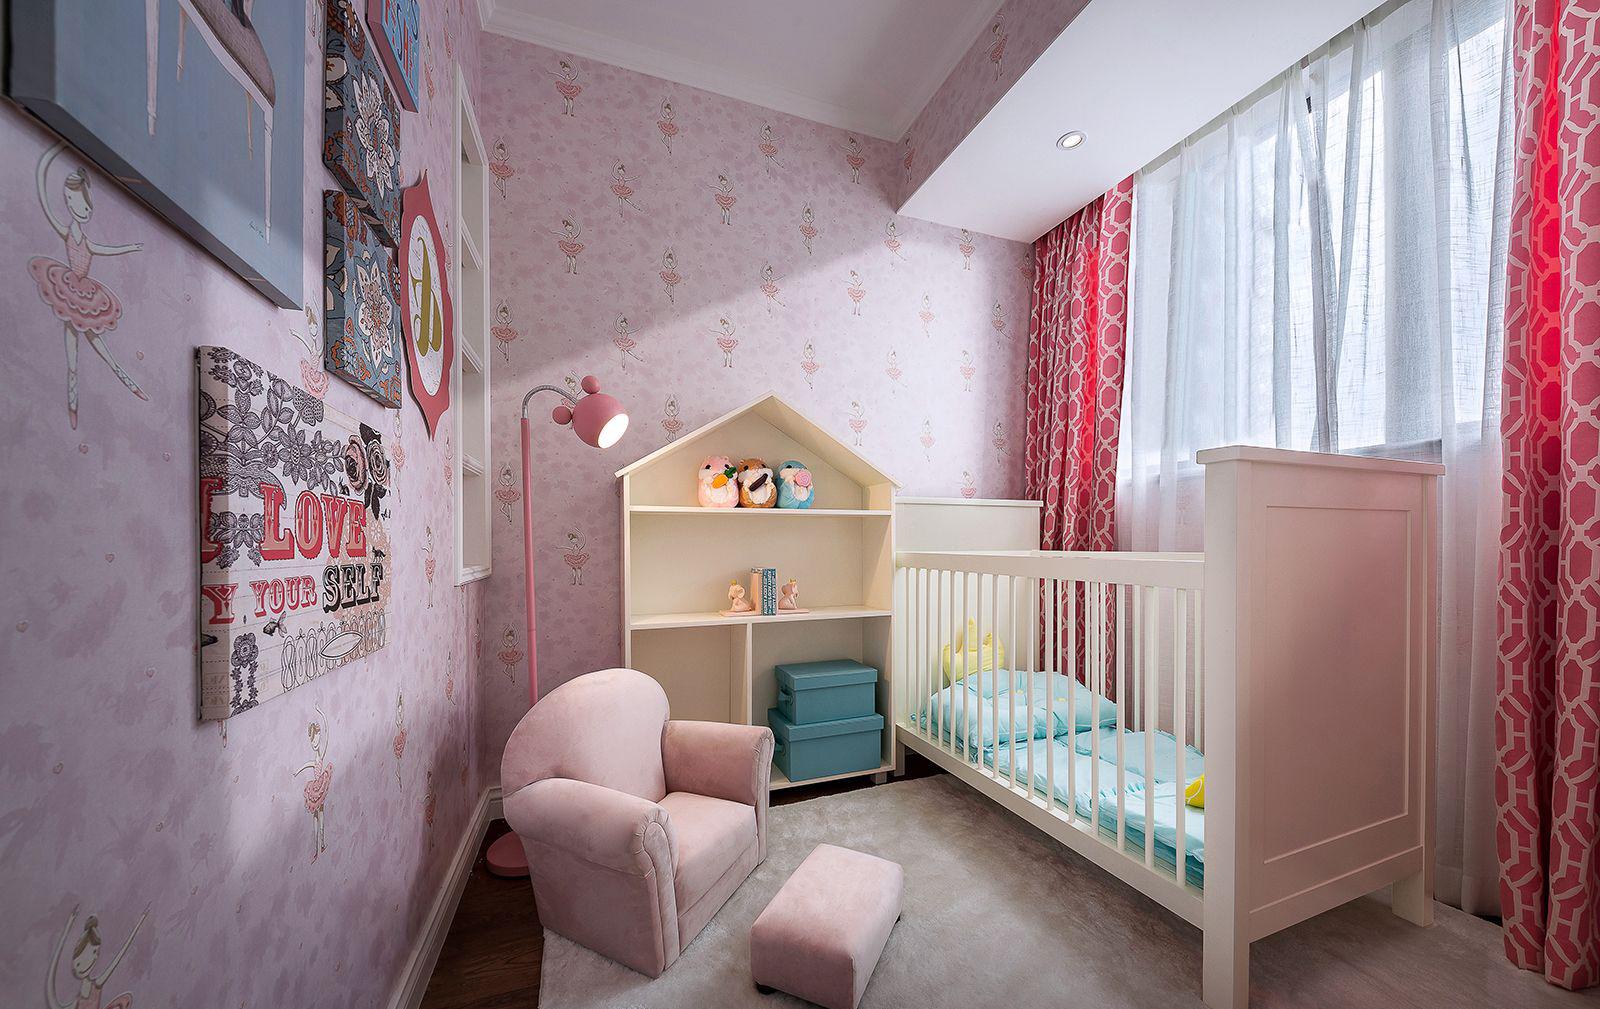 法式混搭风格儿童房装修效果图